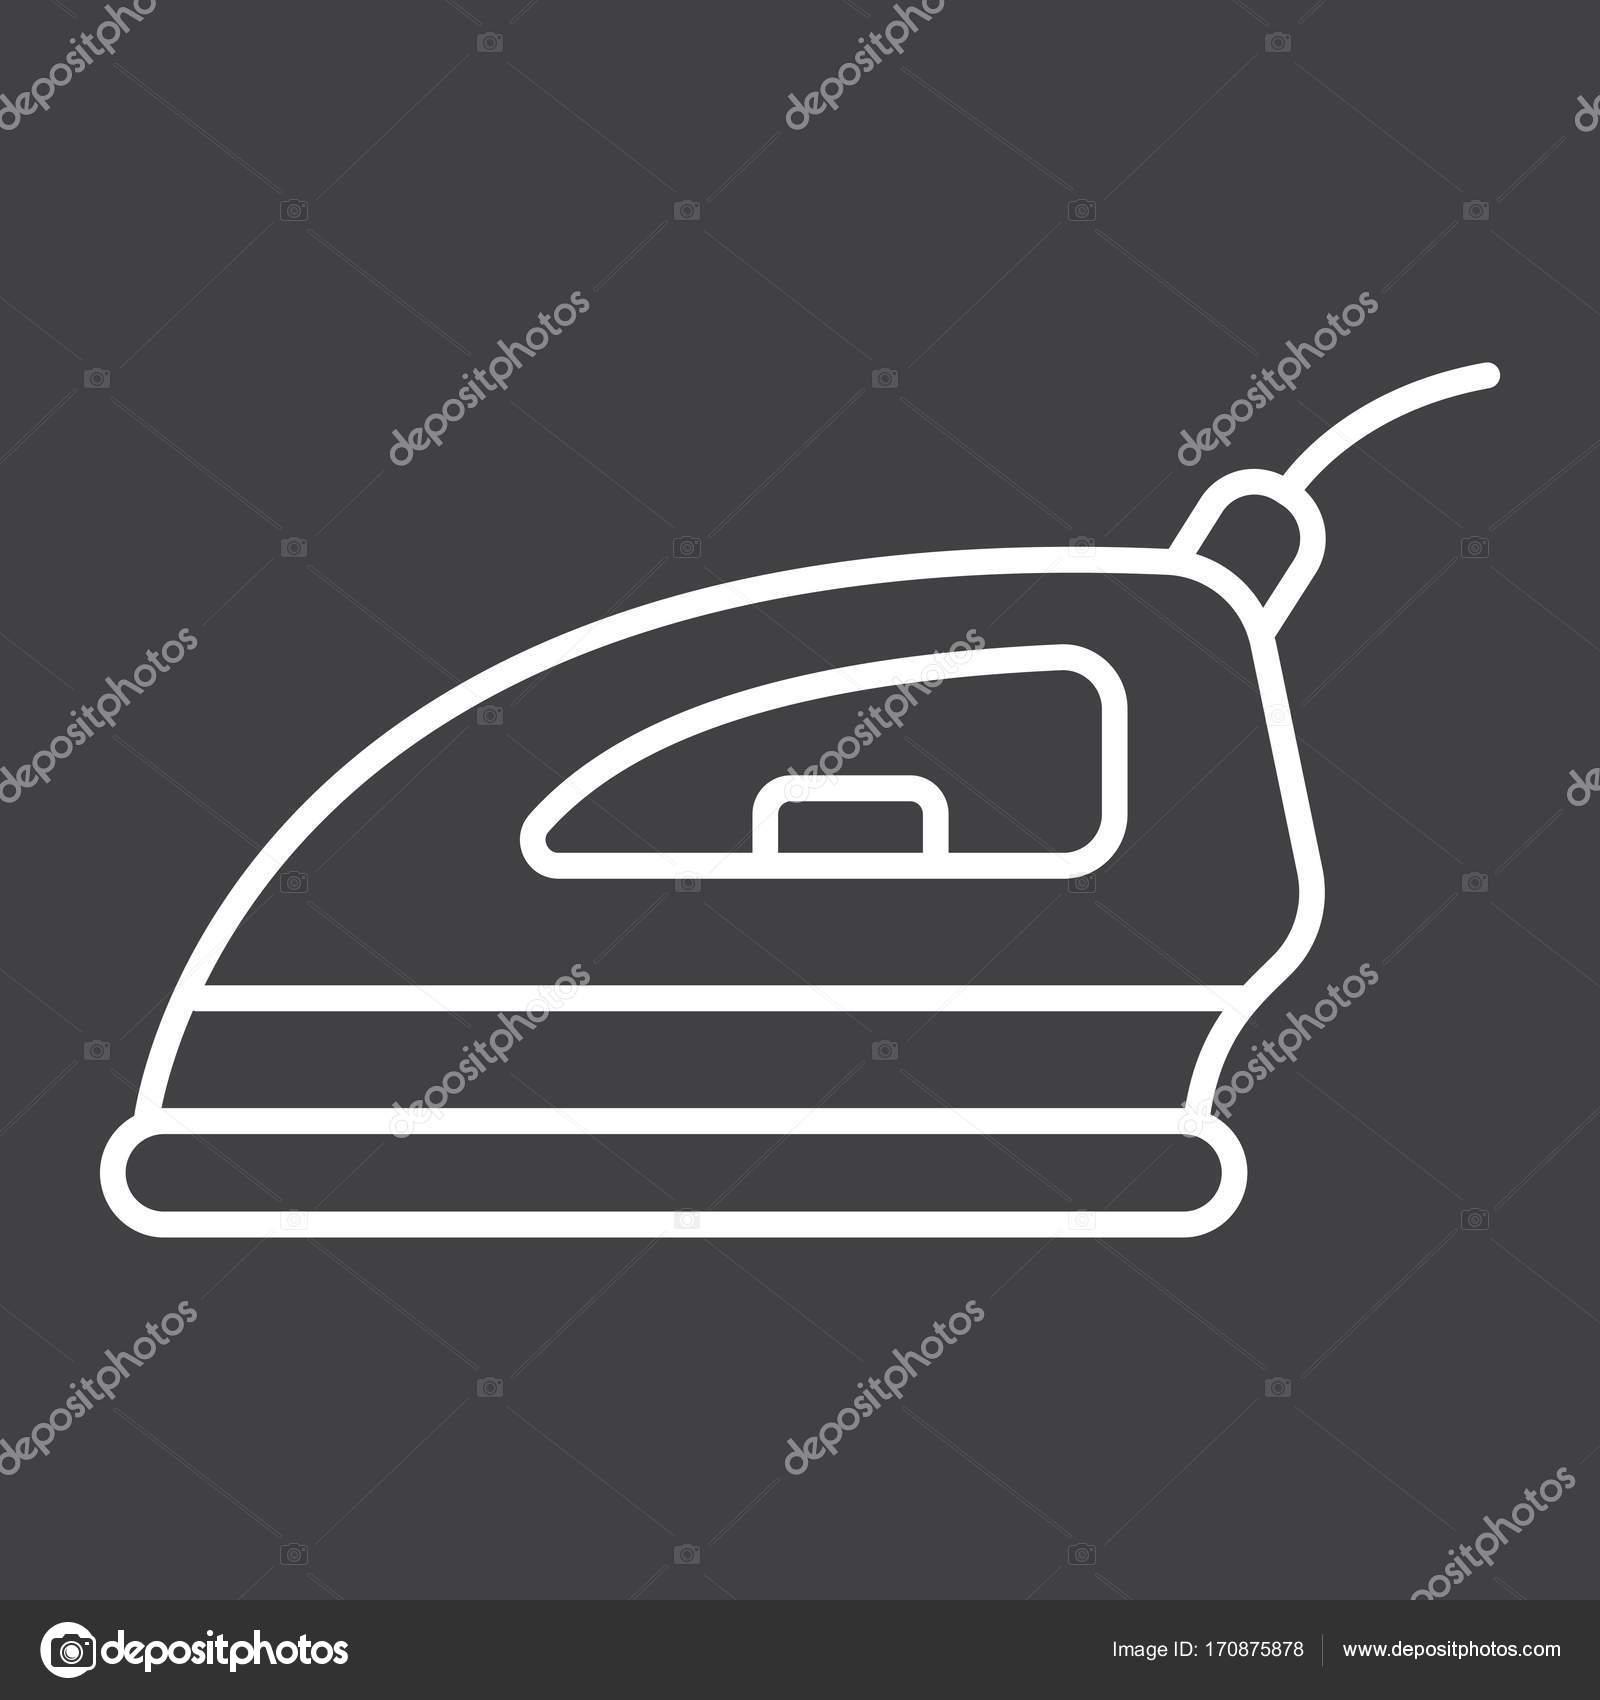 Liniensymbol elektrische Bügeleisen, Haushalt und Gerät ...